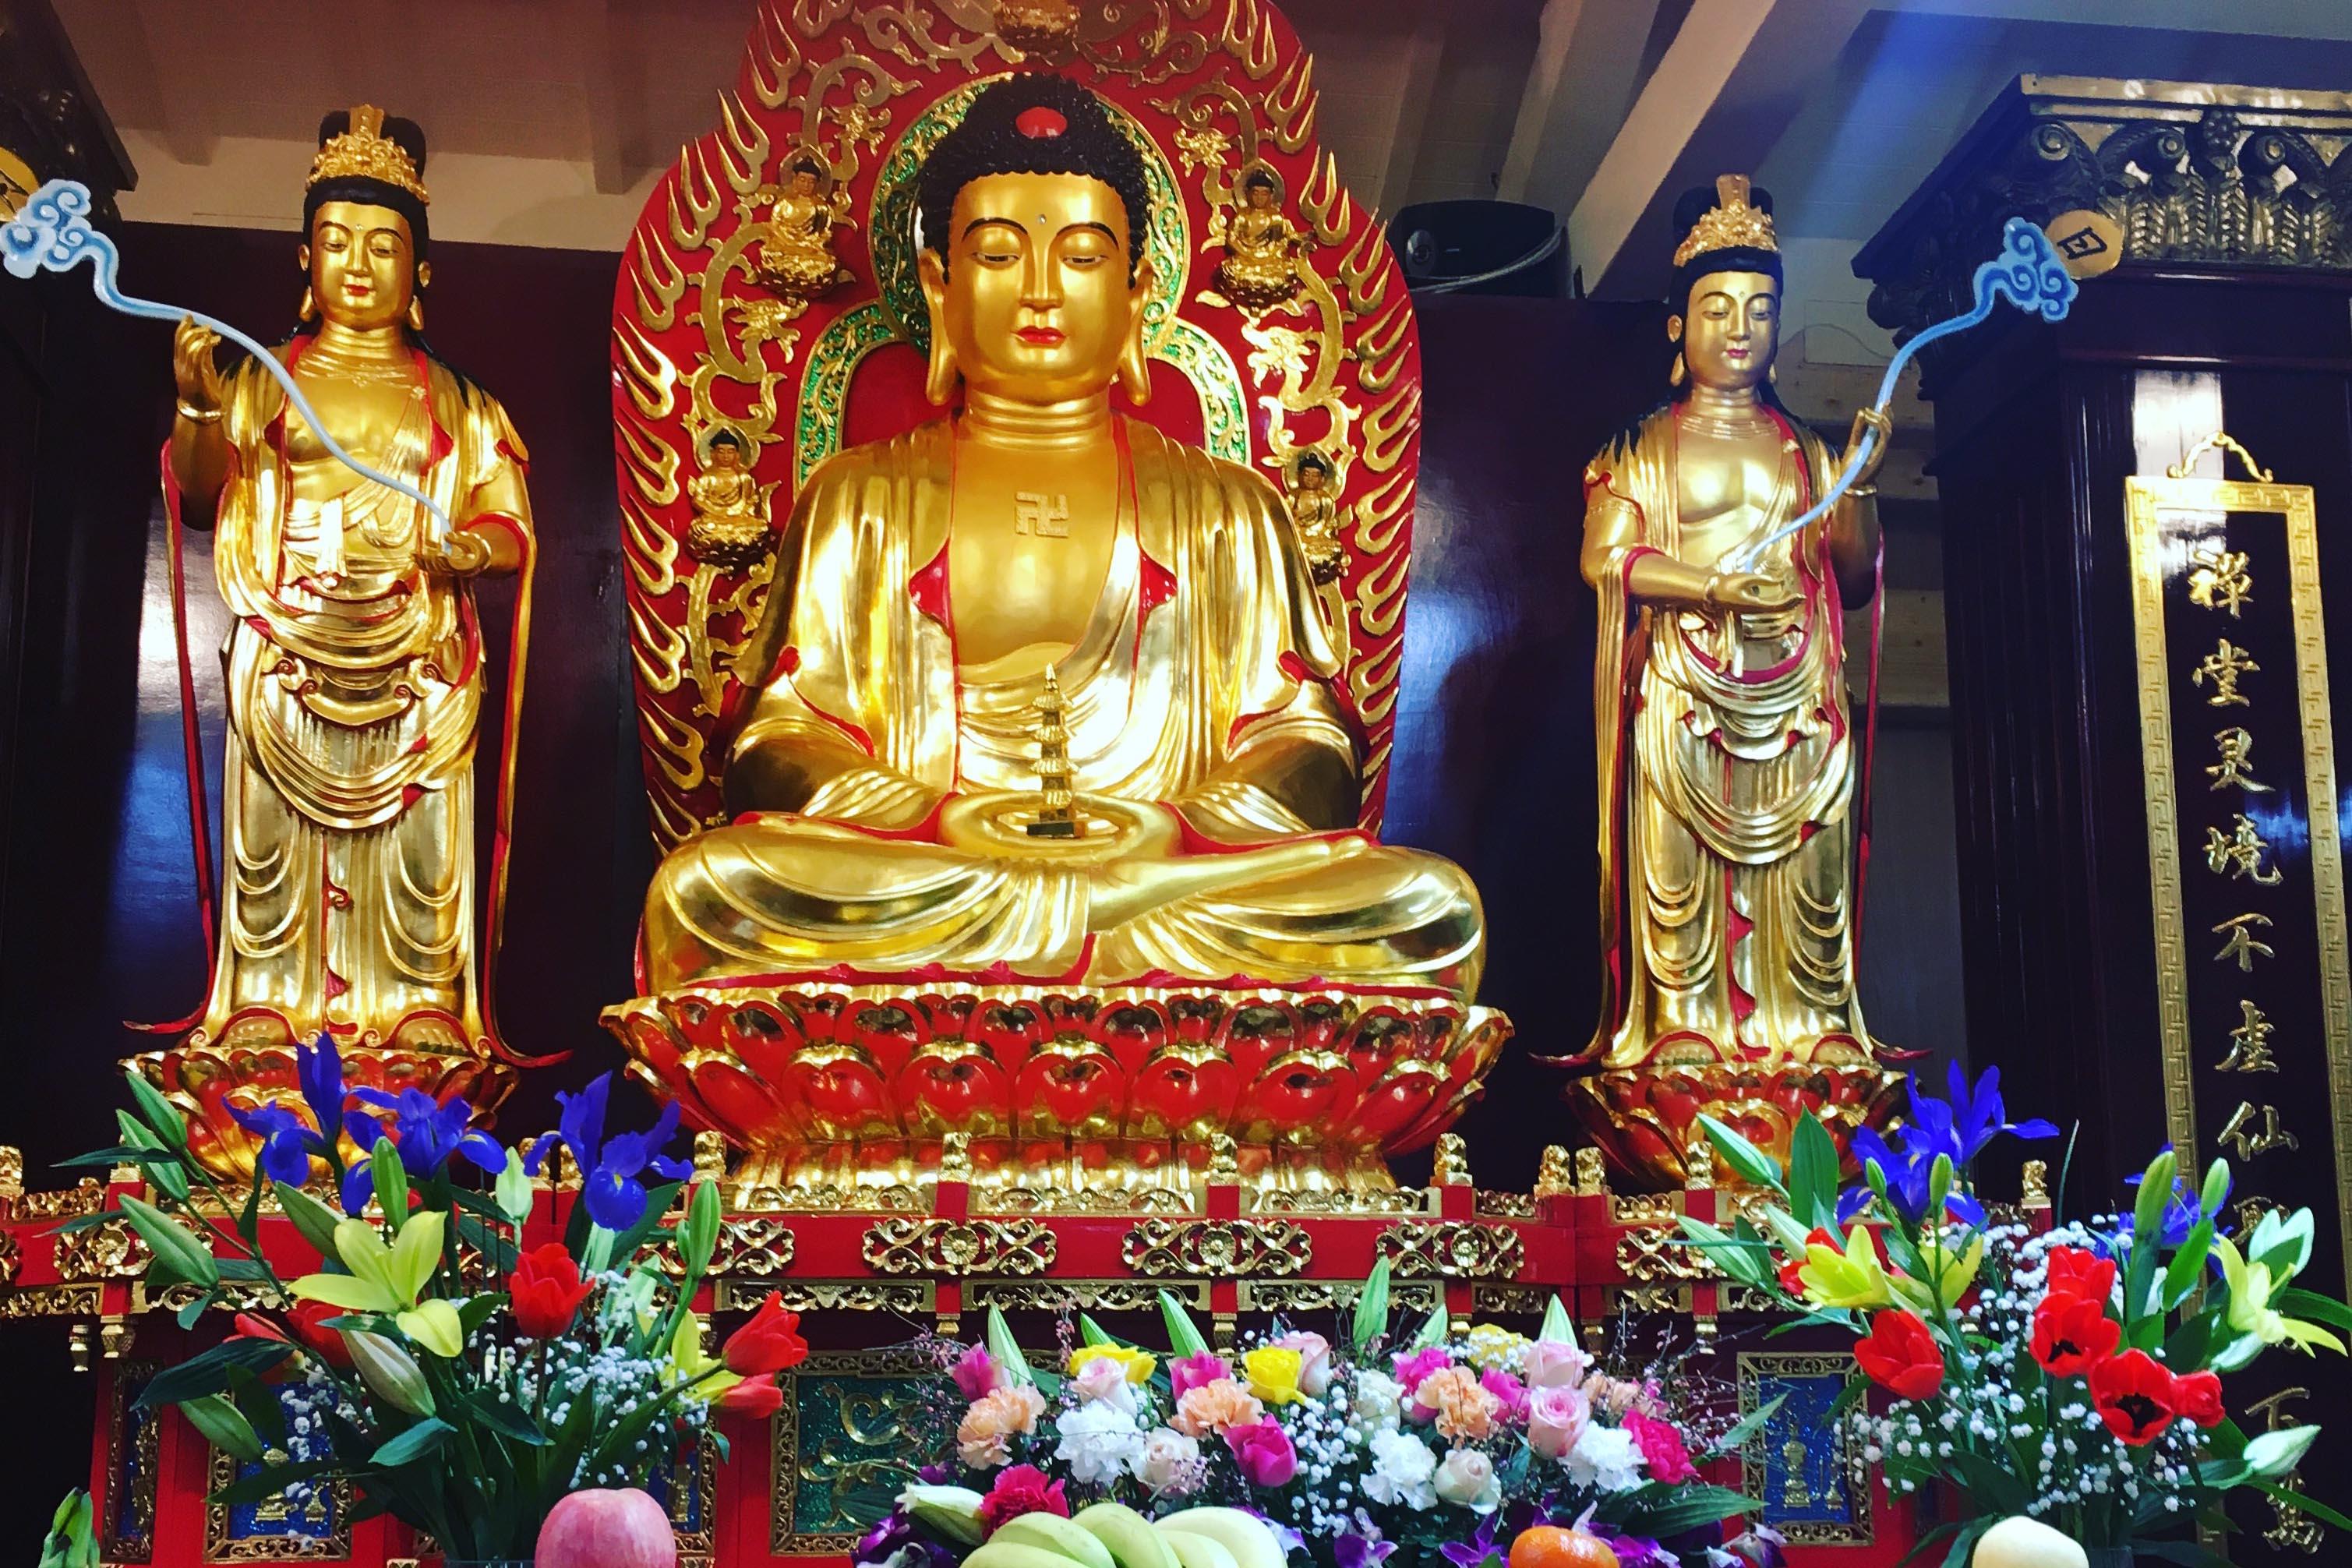 Tempio buddista di Prato